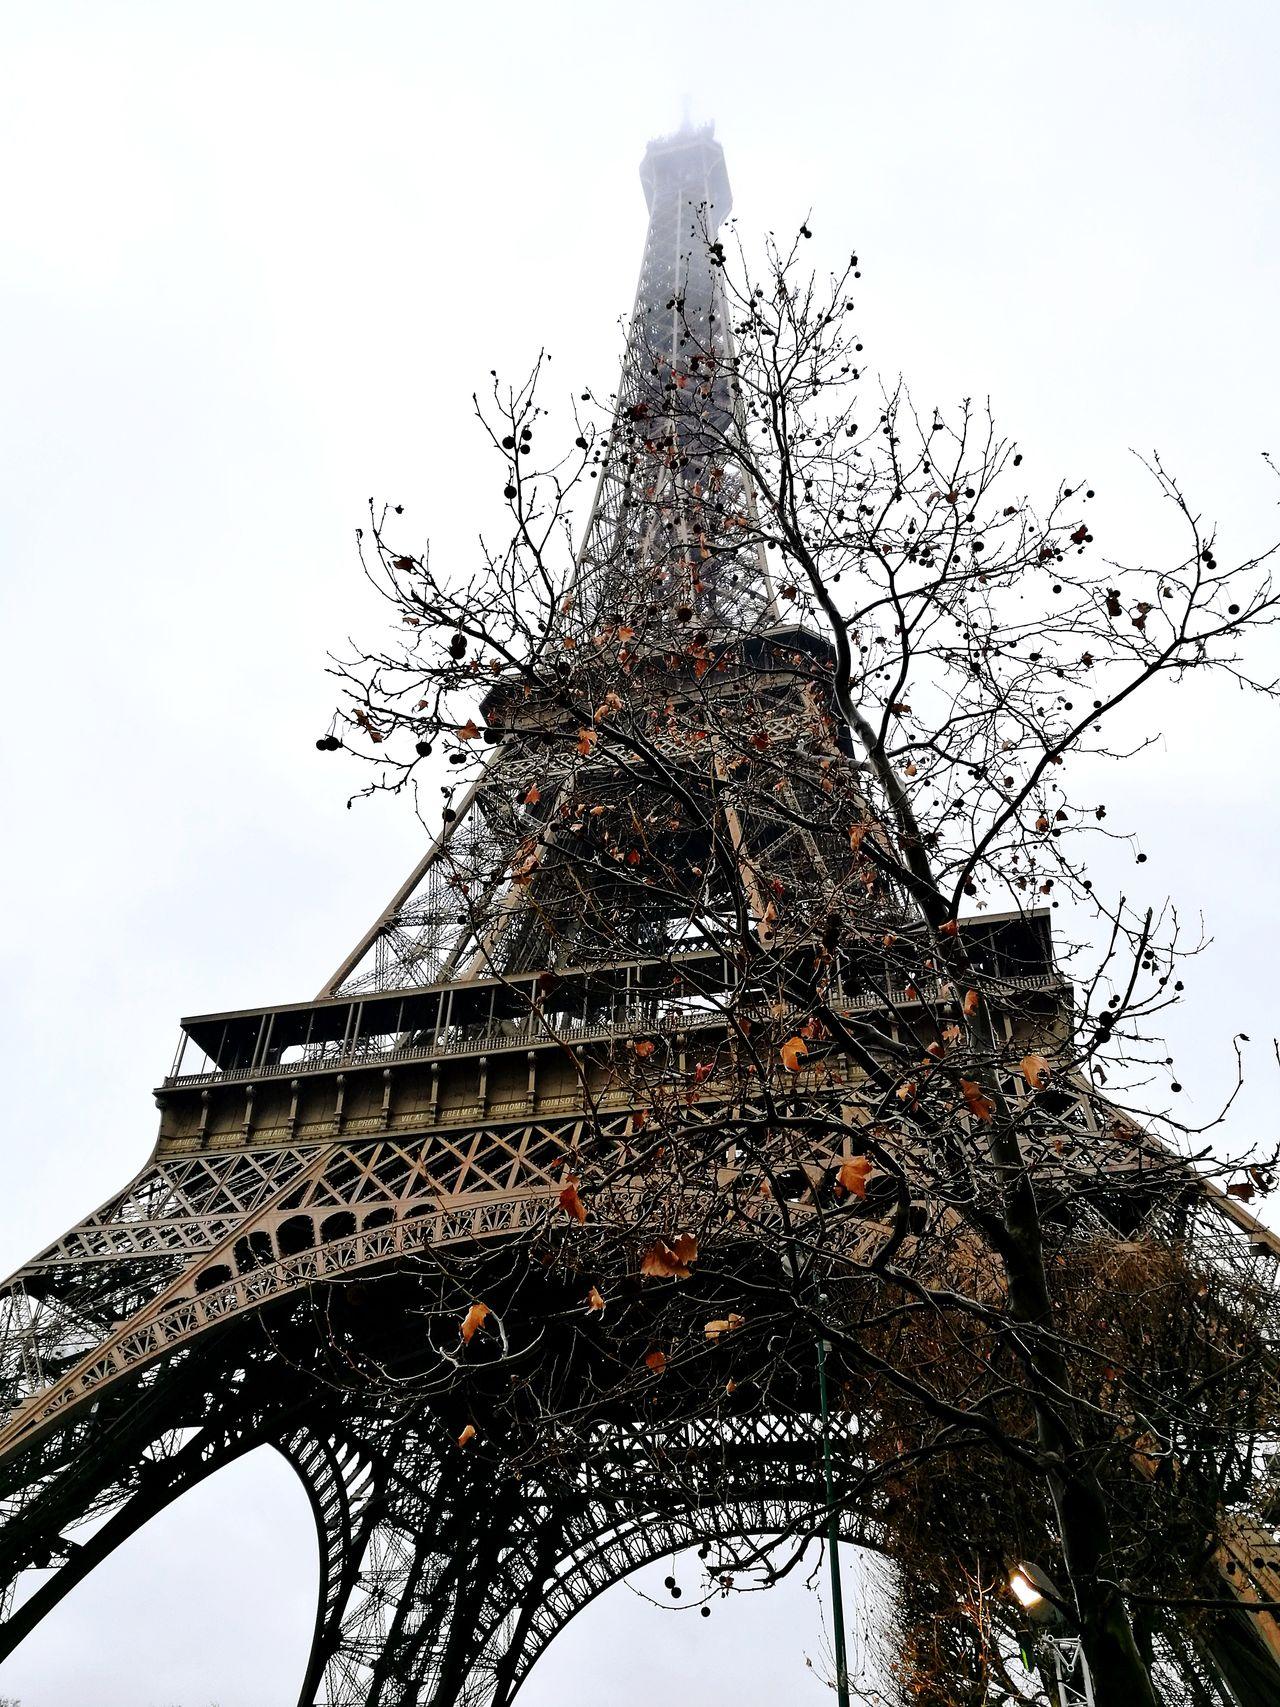 History Cultures Sky Day Outdoors EyeEmNewHere EyeEm Best Shots Close-up Landscape Scenics Light Effect Architecture Fog Cloud - Sky Tour Eiffel, Paris. Paris ❤ Love